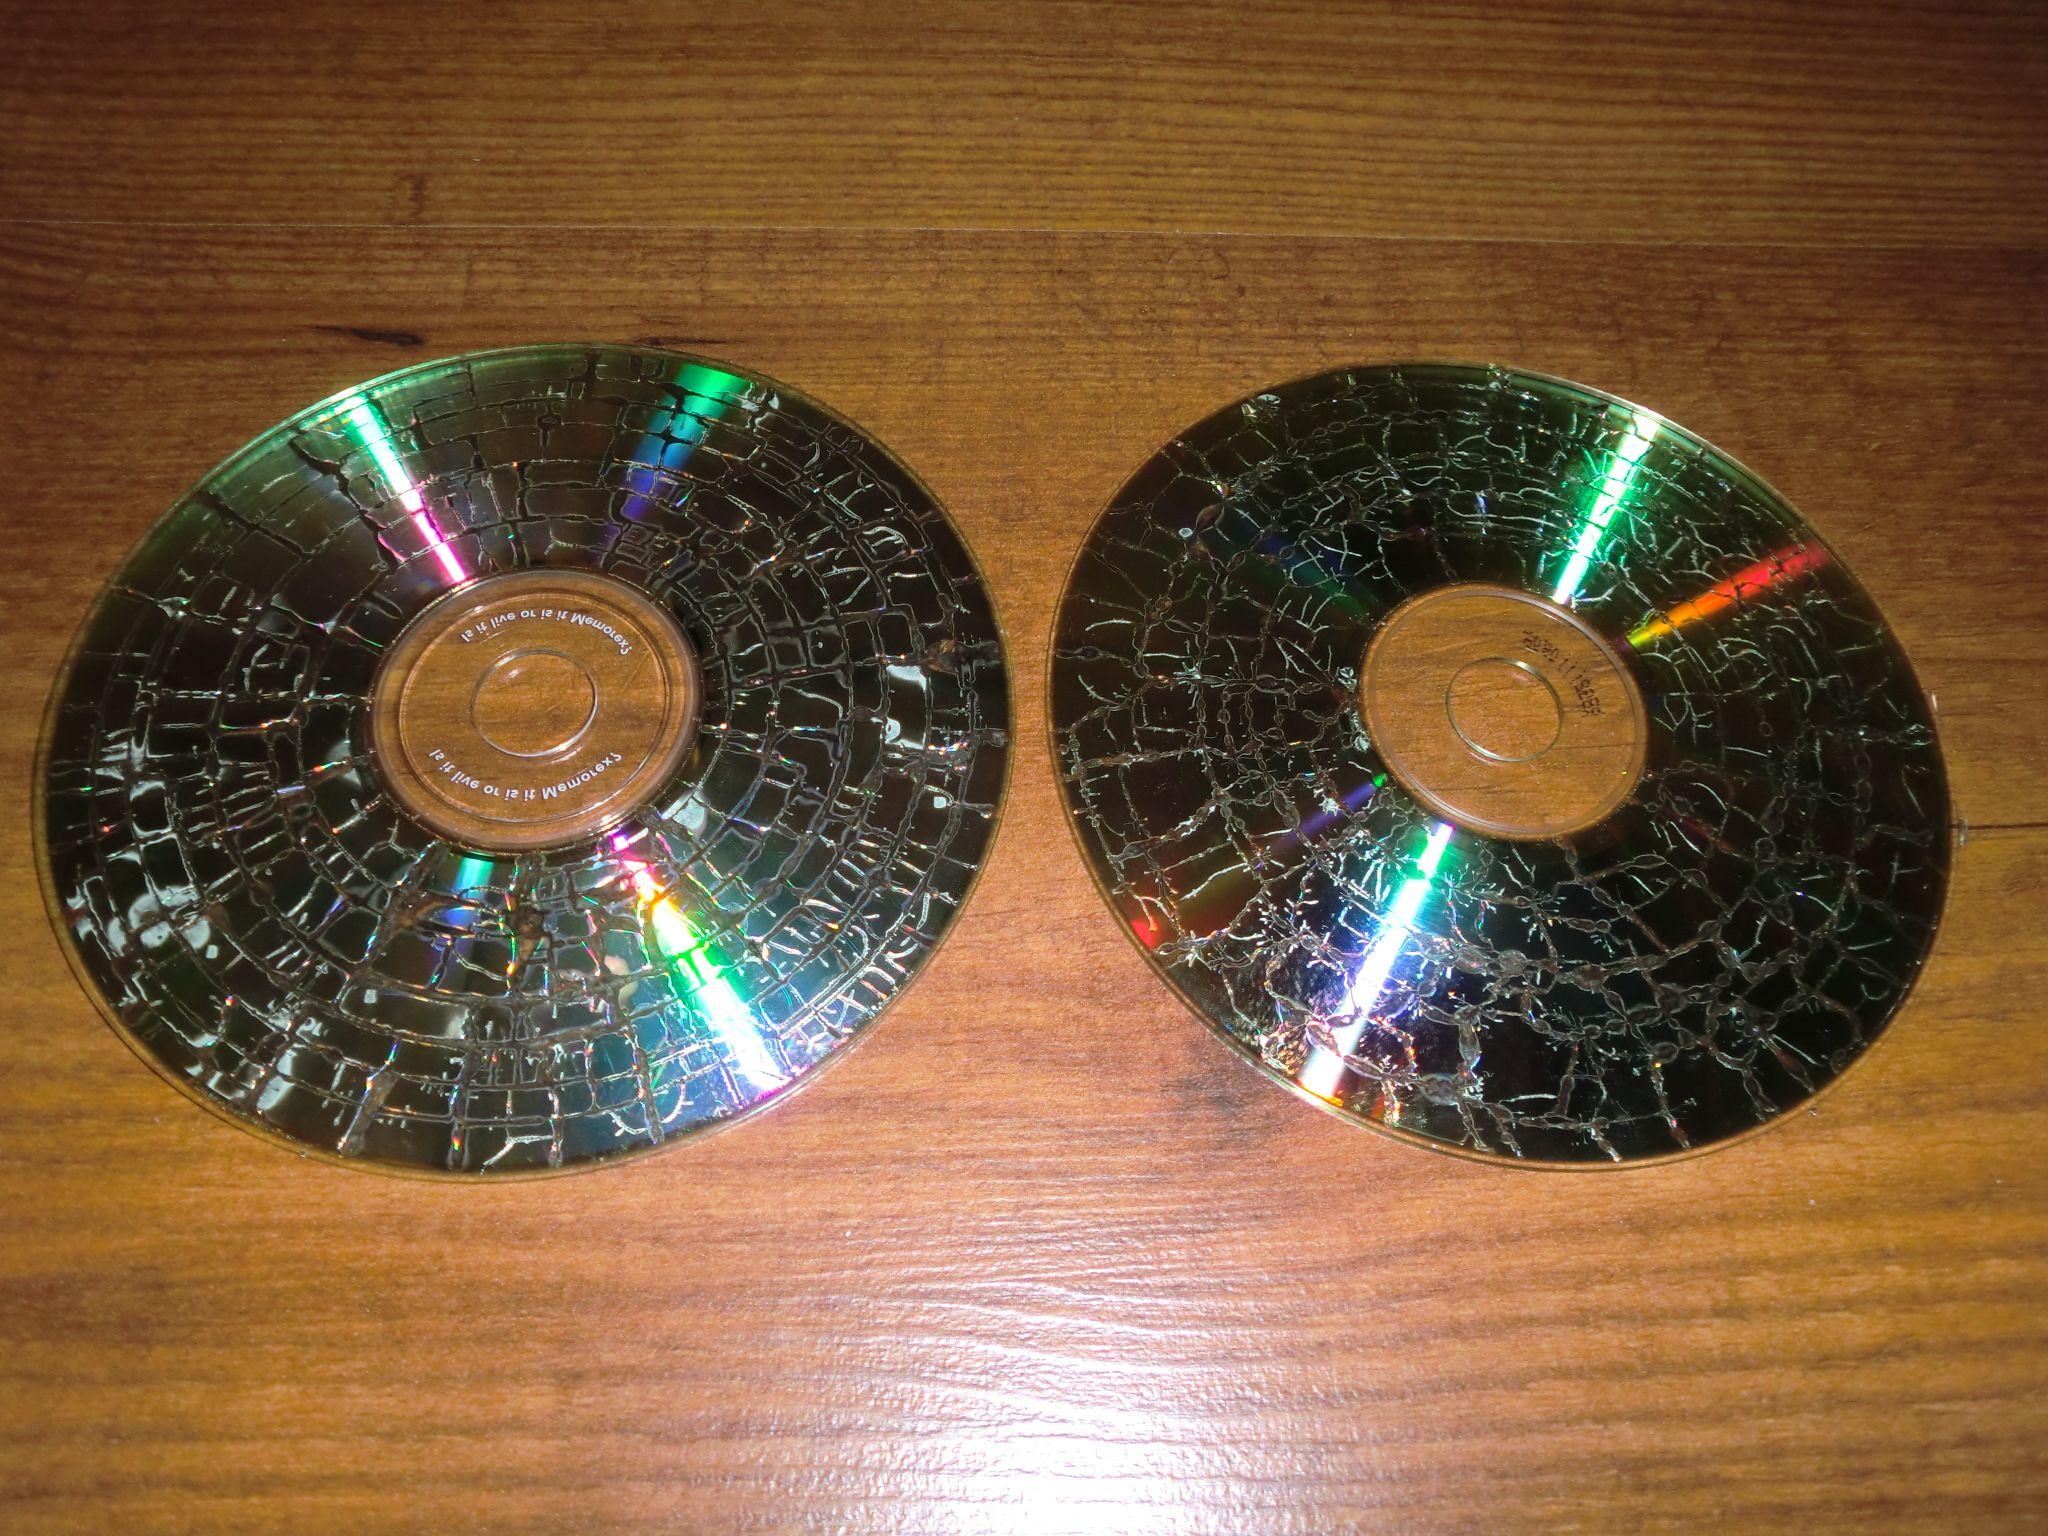 T cnica del craquelado de cds y dvds se pueden hacer - Manualidades con cd usados ...